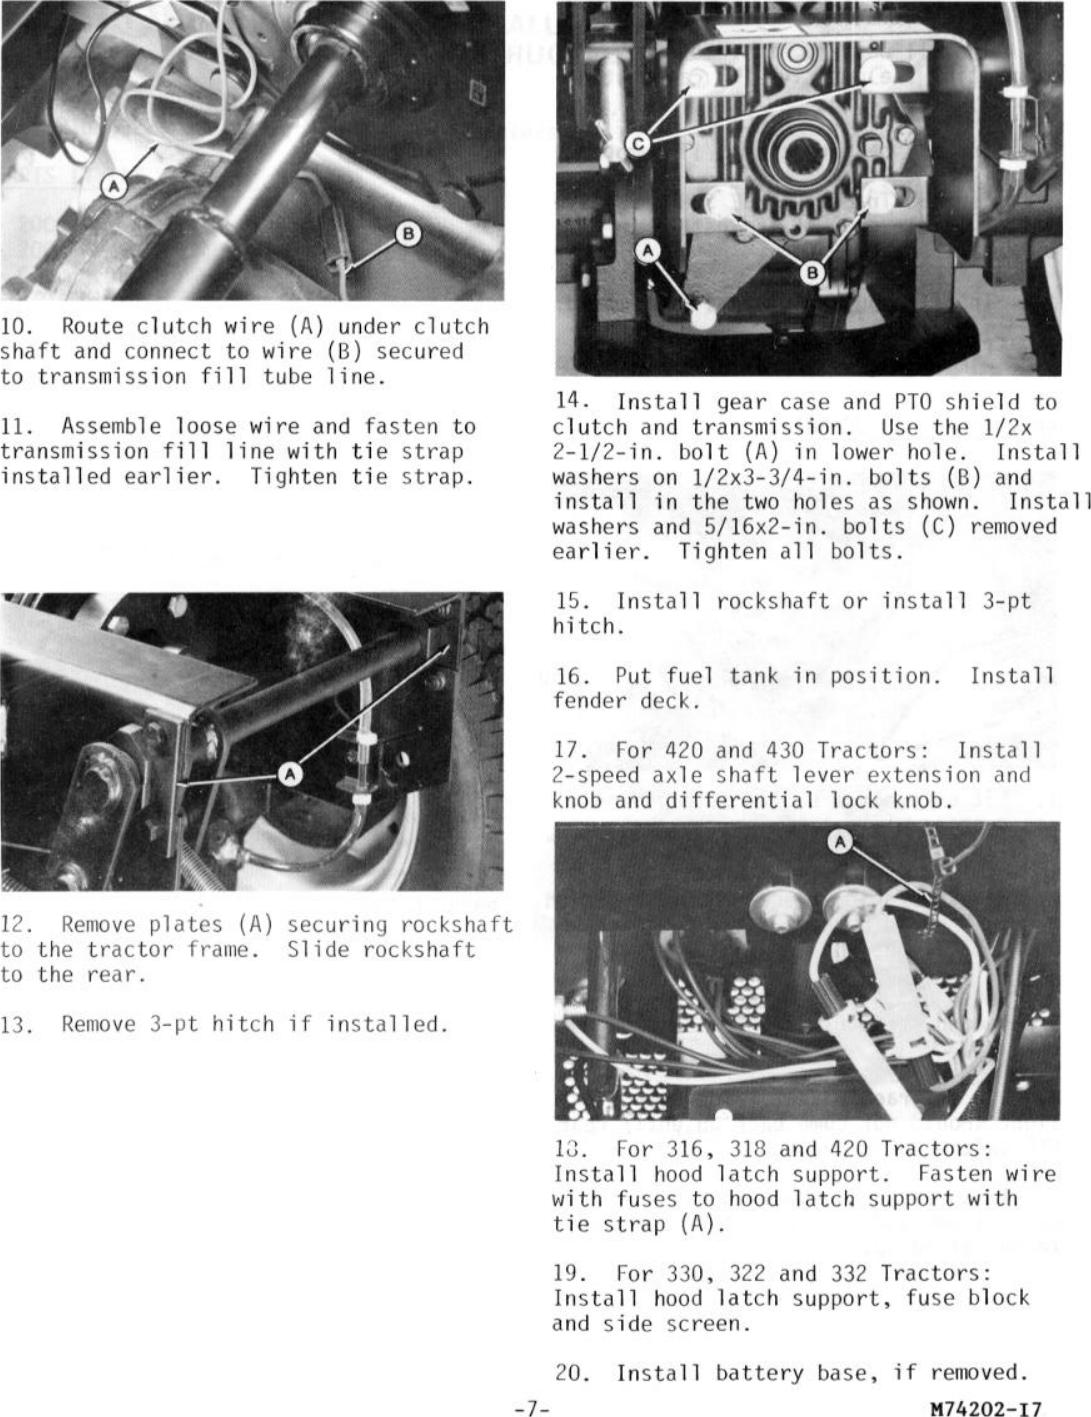 2000 RPM Rear PTO Attachment 316, 318, 322, 330, 332, 420, & 430